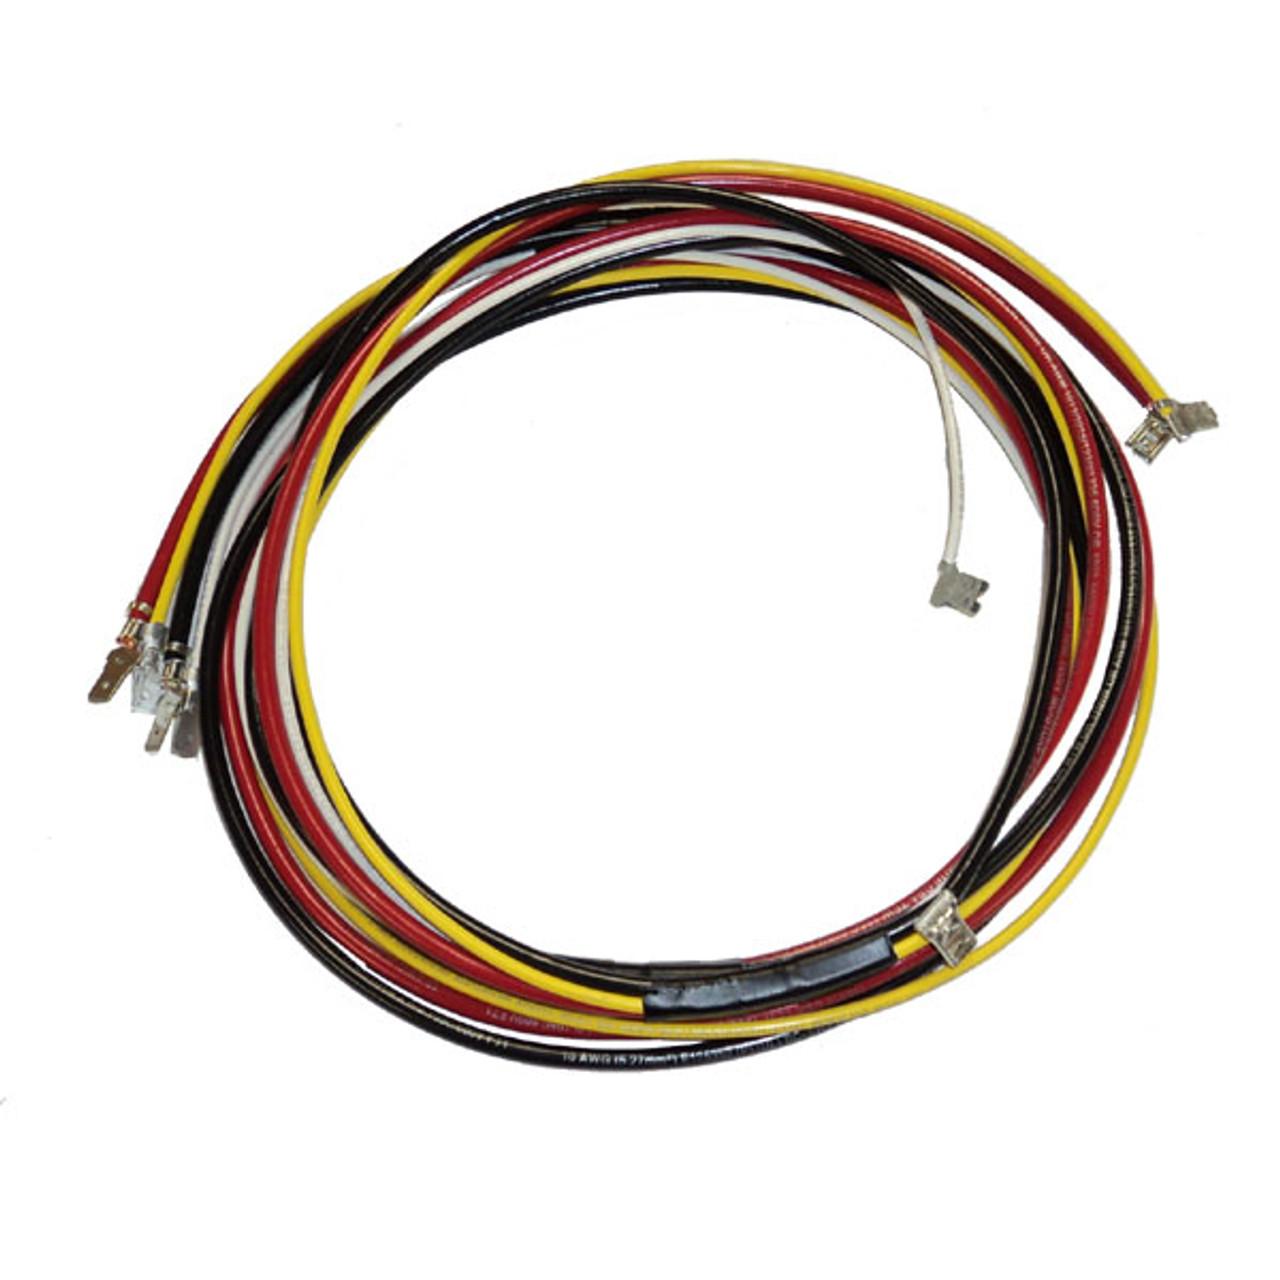 minn kota trolling motor part wire harness a t ft pedal 2261208 minn kota edge 45 [ 1280 x 1280 Pixel ]